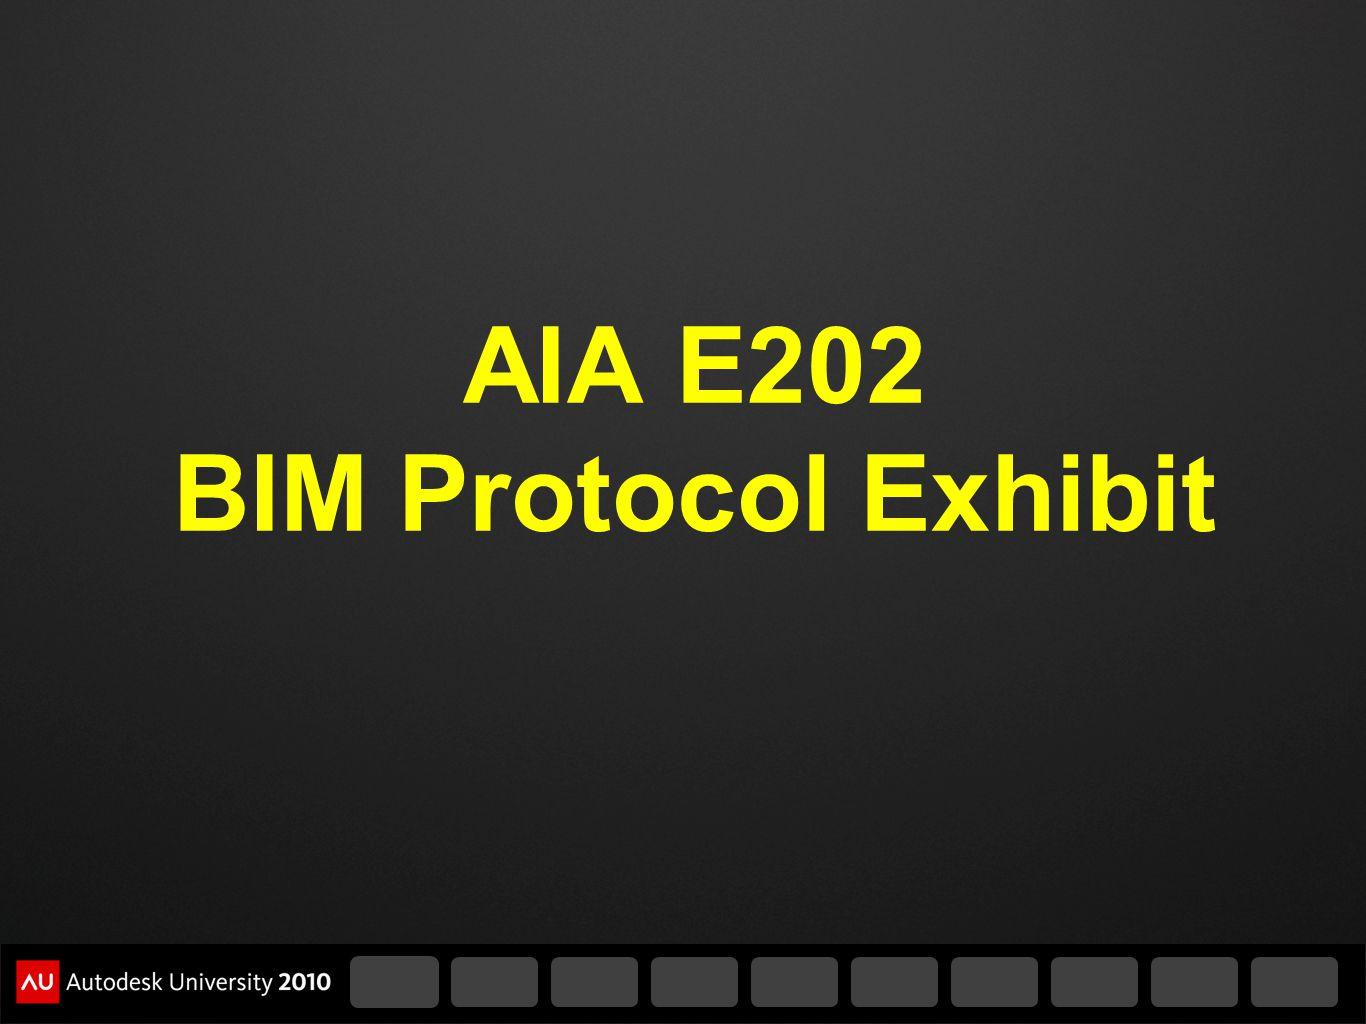 AIA E202 BIM Protocol Exhibit